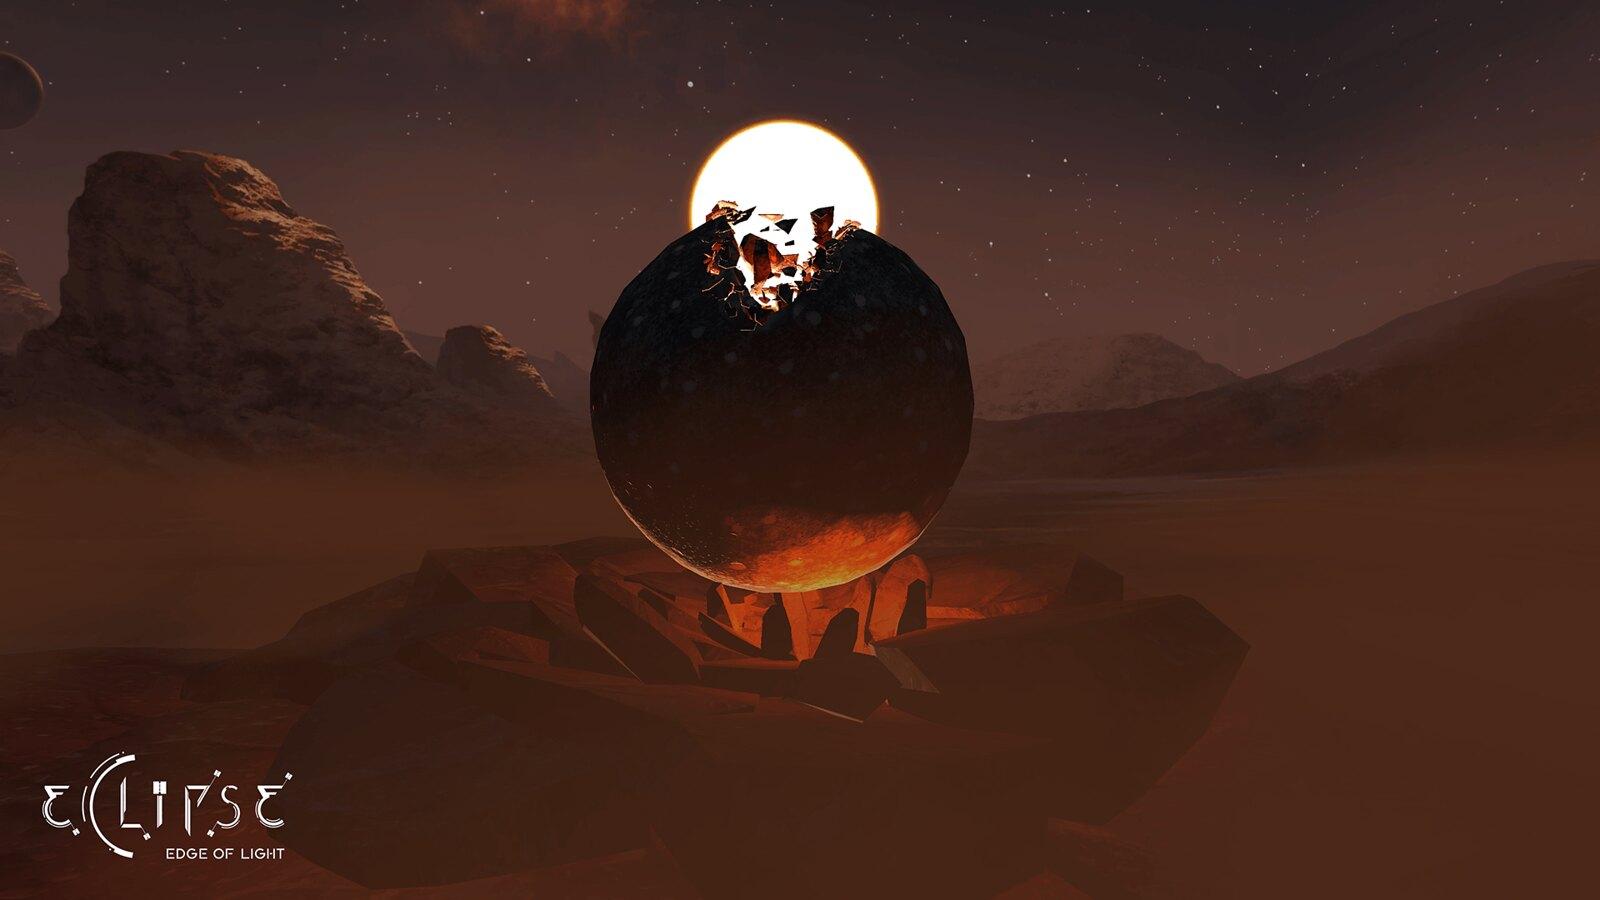 Eclipse: Bord de lumière